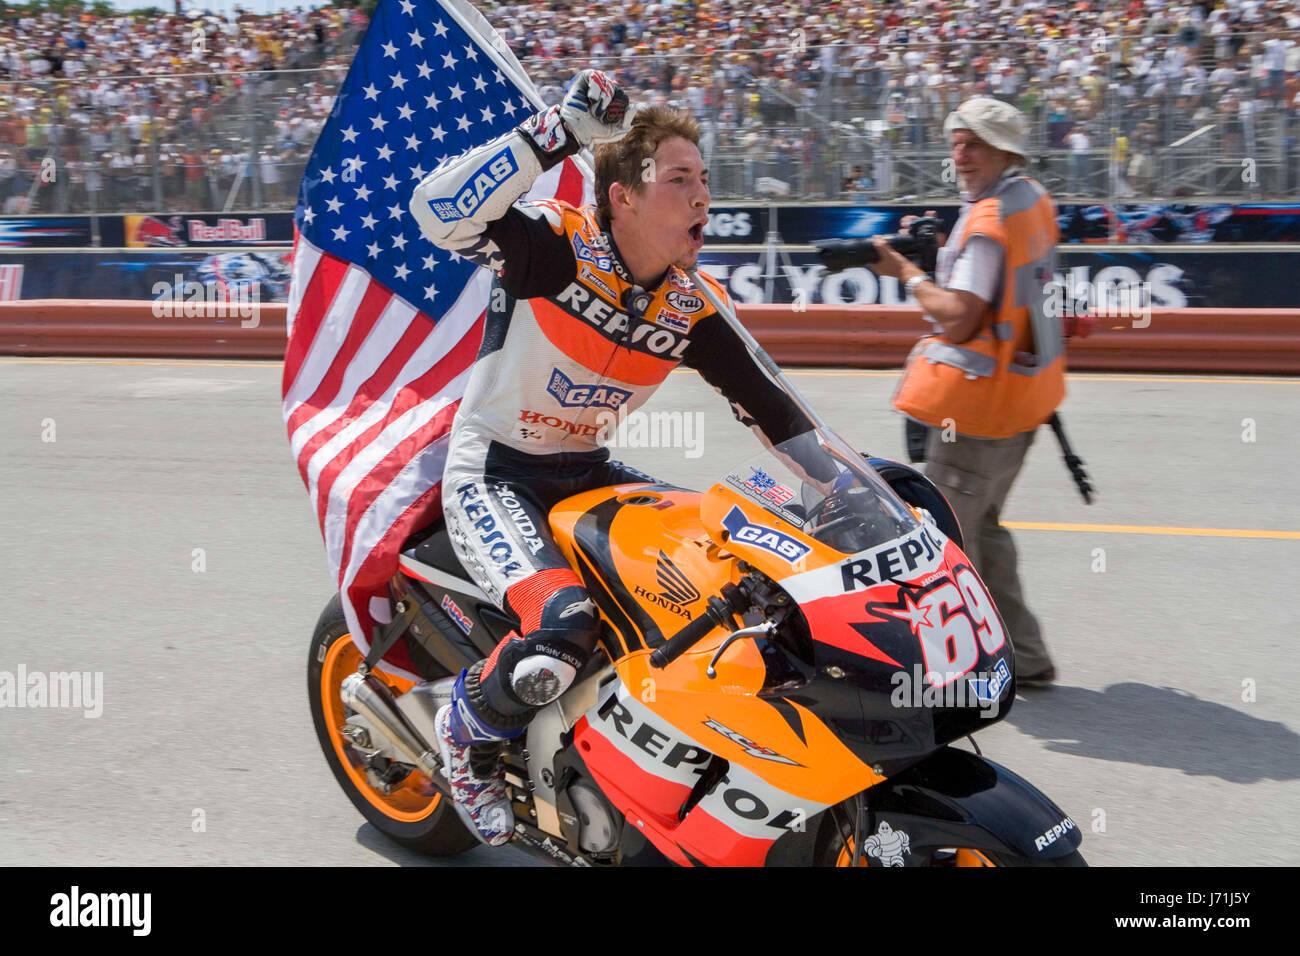 2005, Nicky Hayden, Repsol Honda, MotoGP, GP de la Comunidad